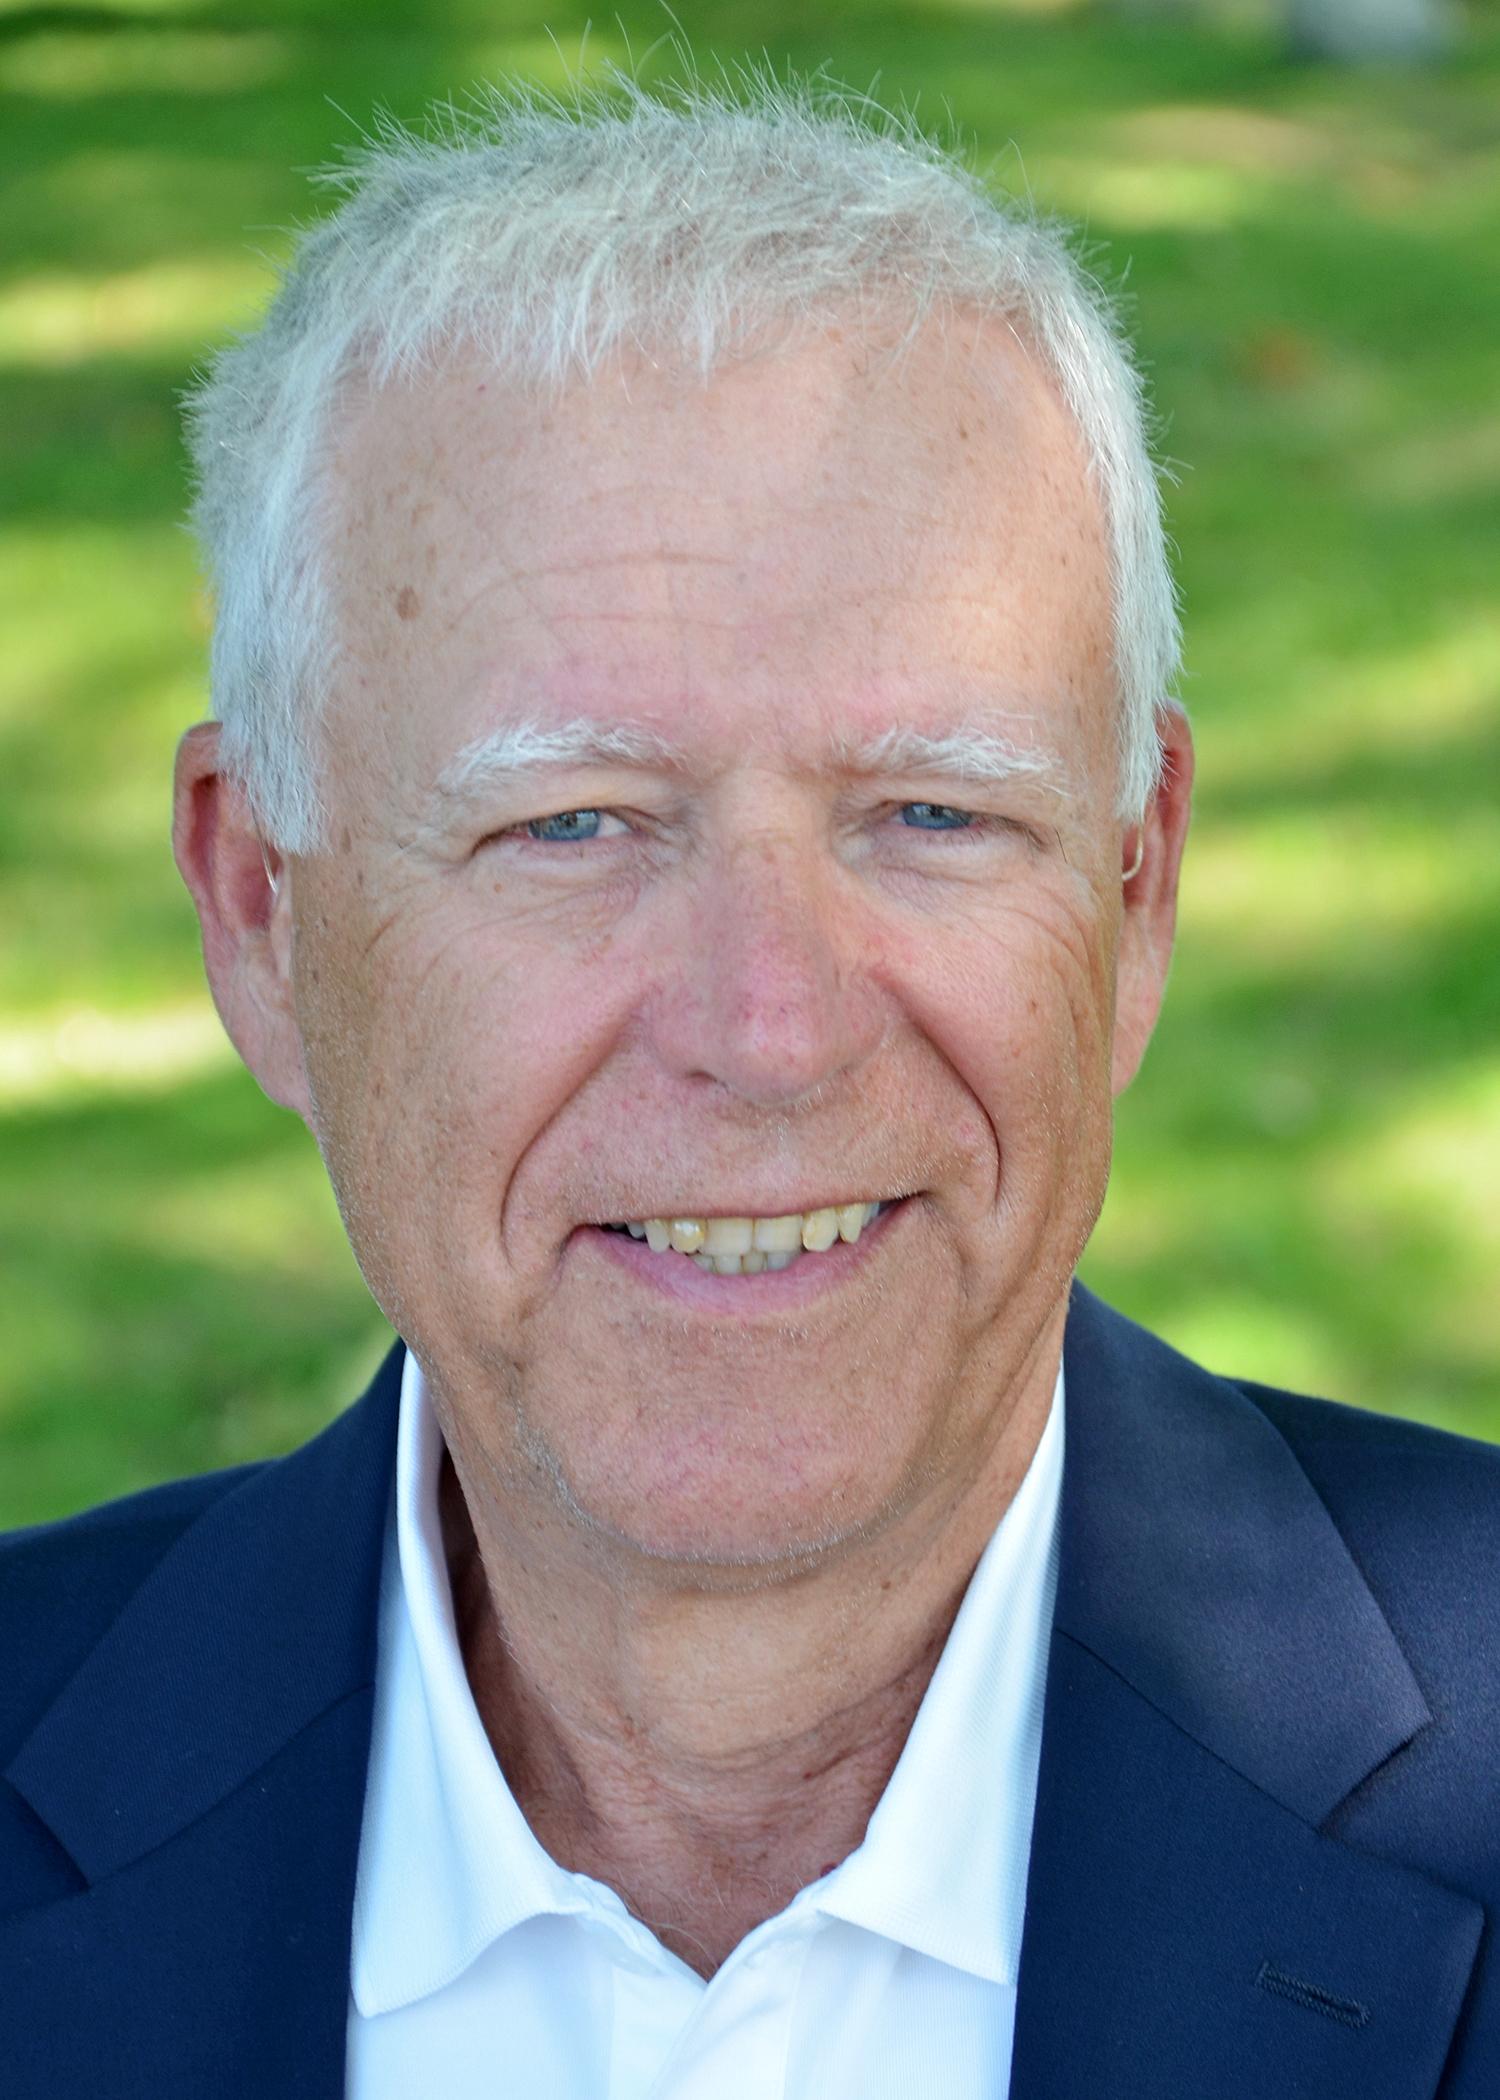 Paul Thelin